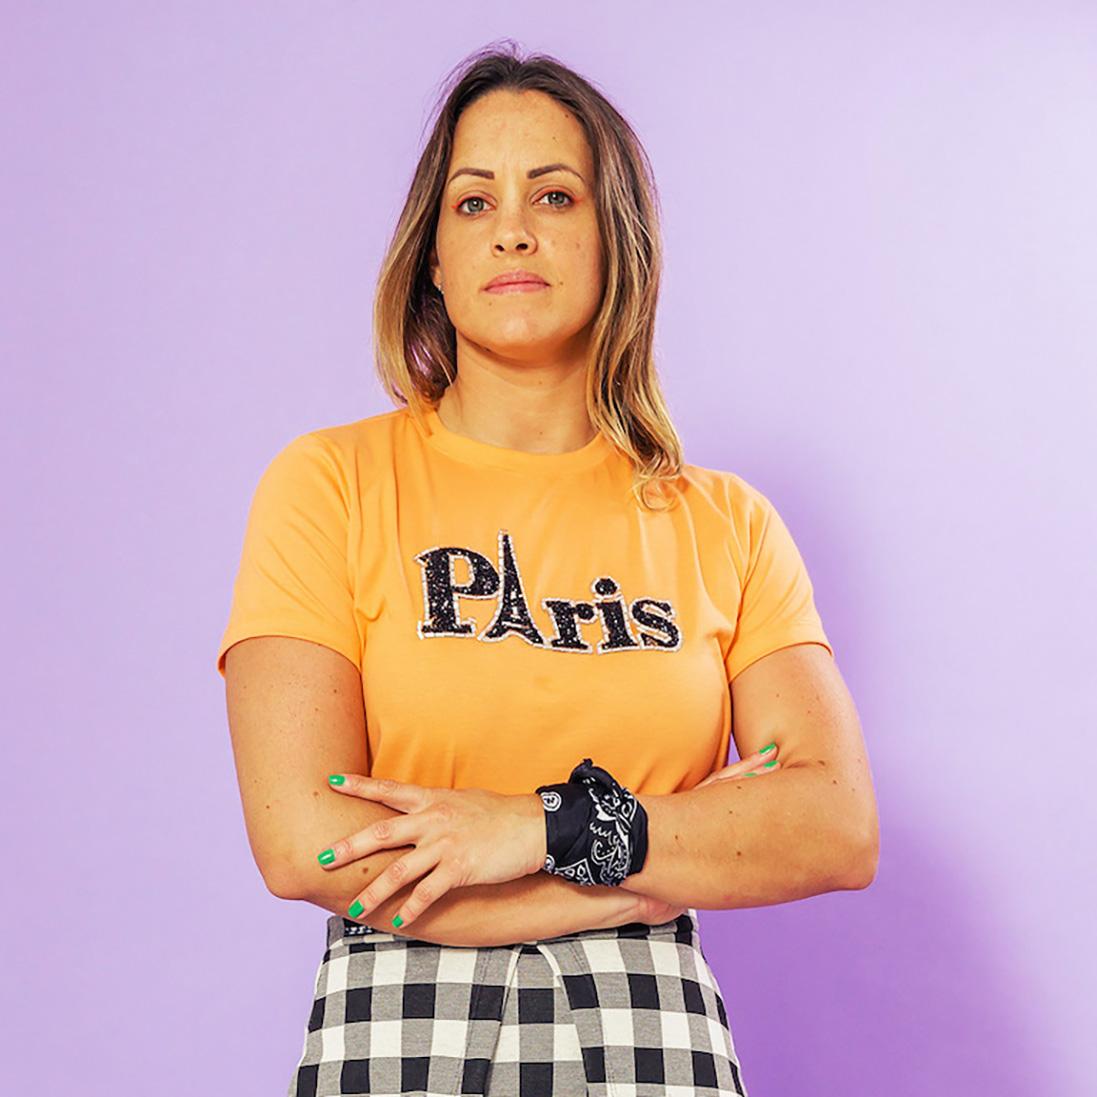 T-shirt Adulta Paris Laranja